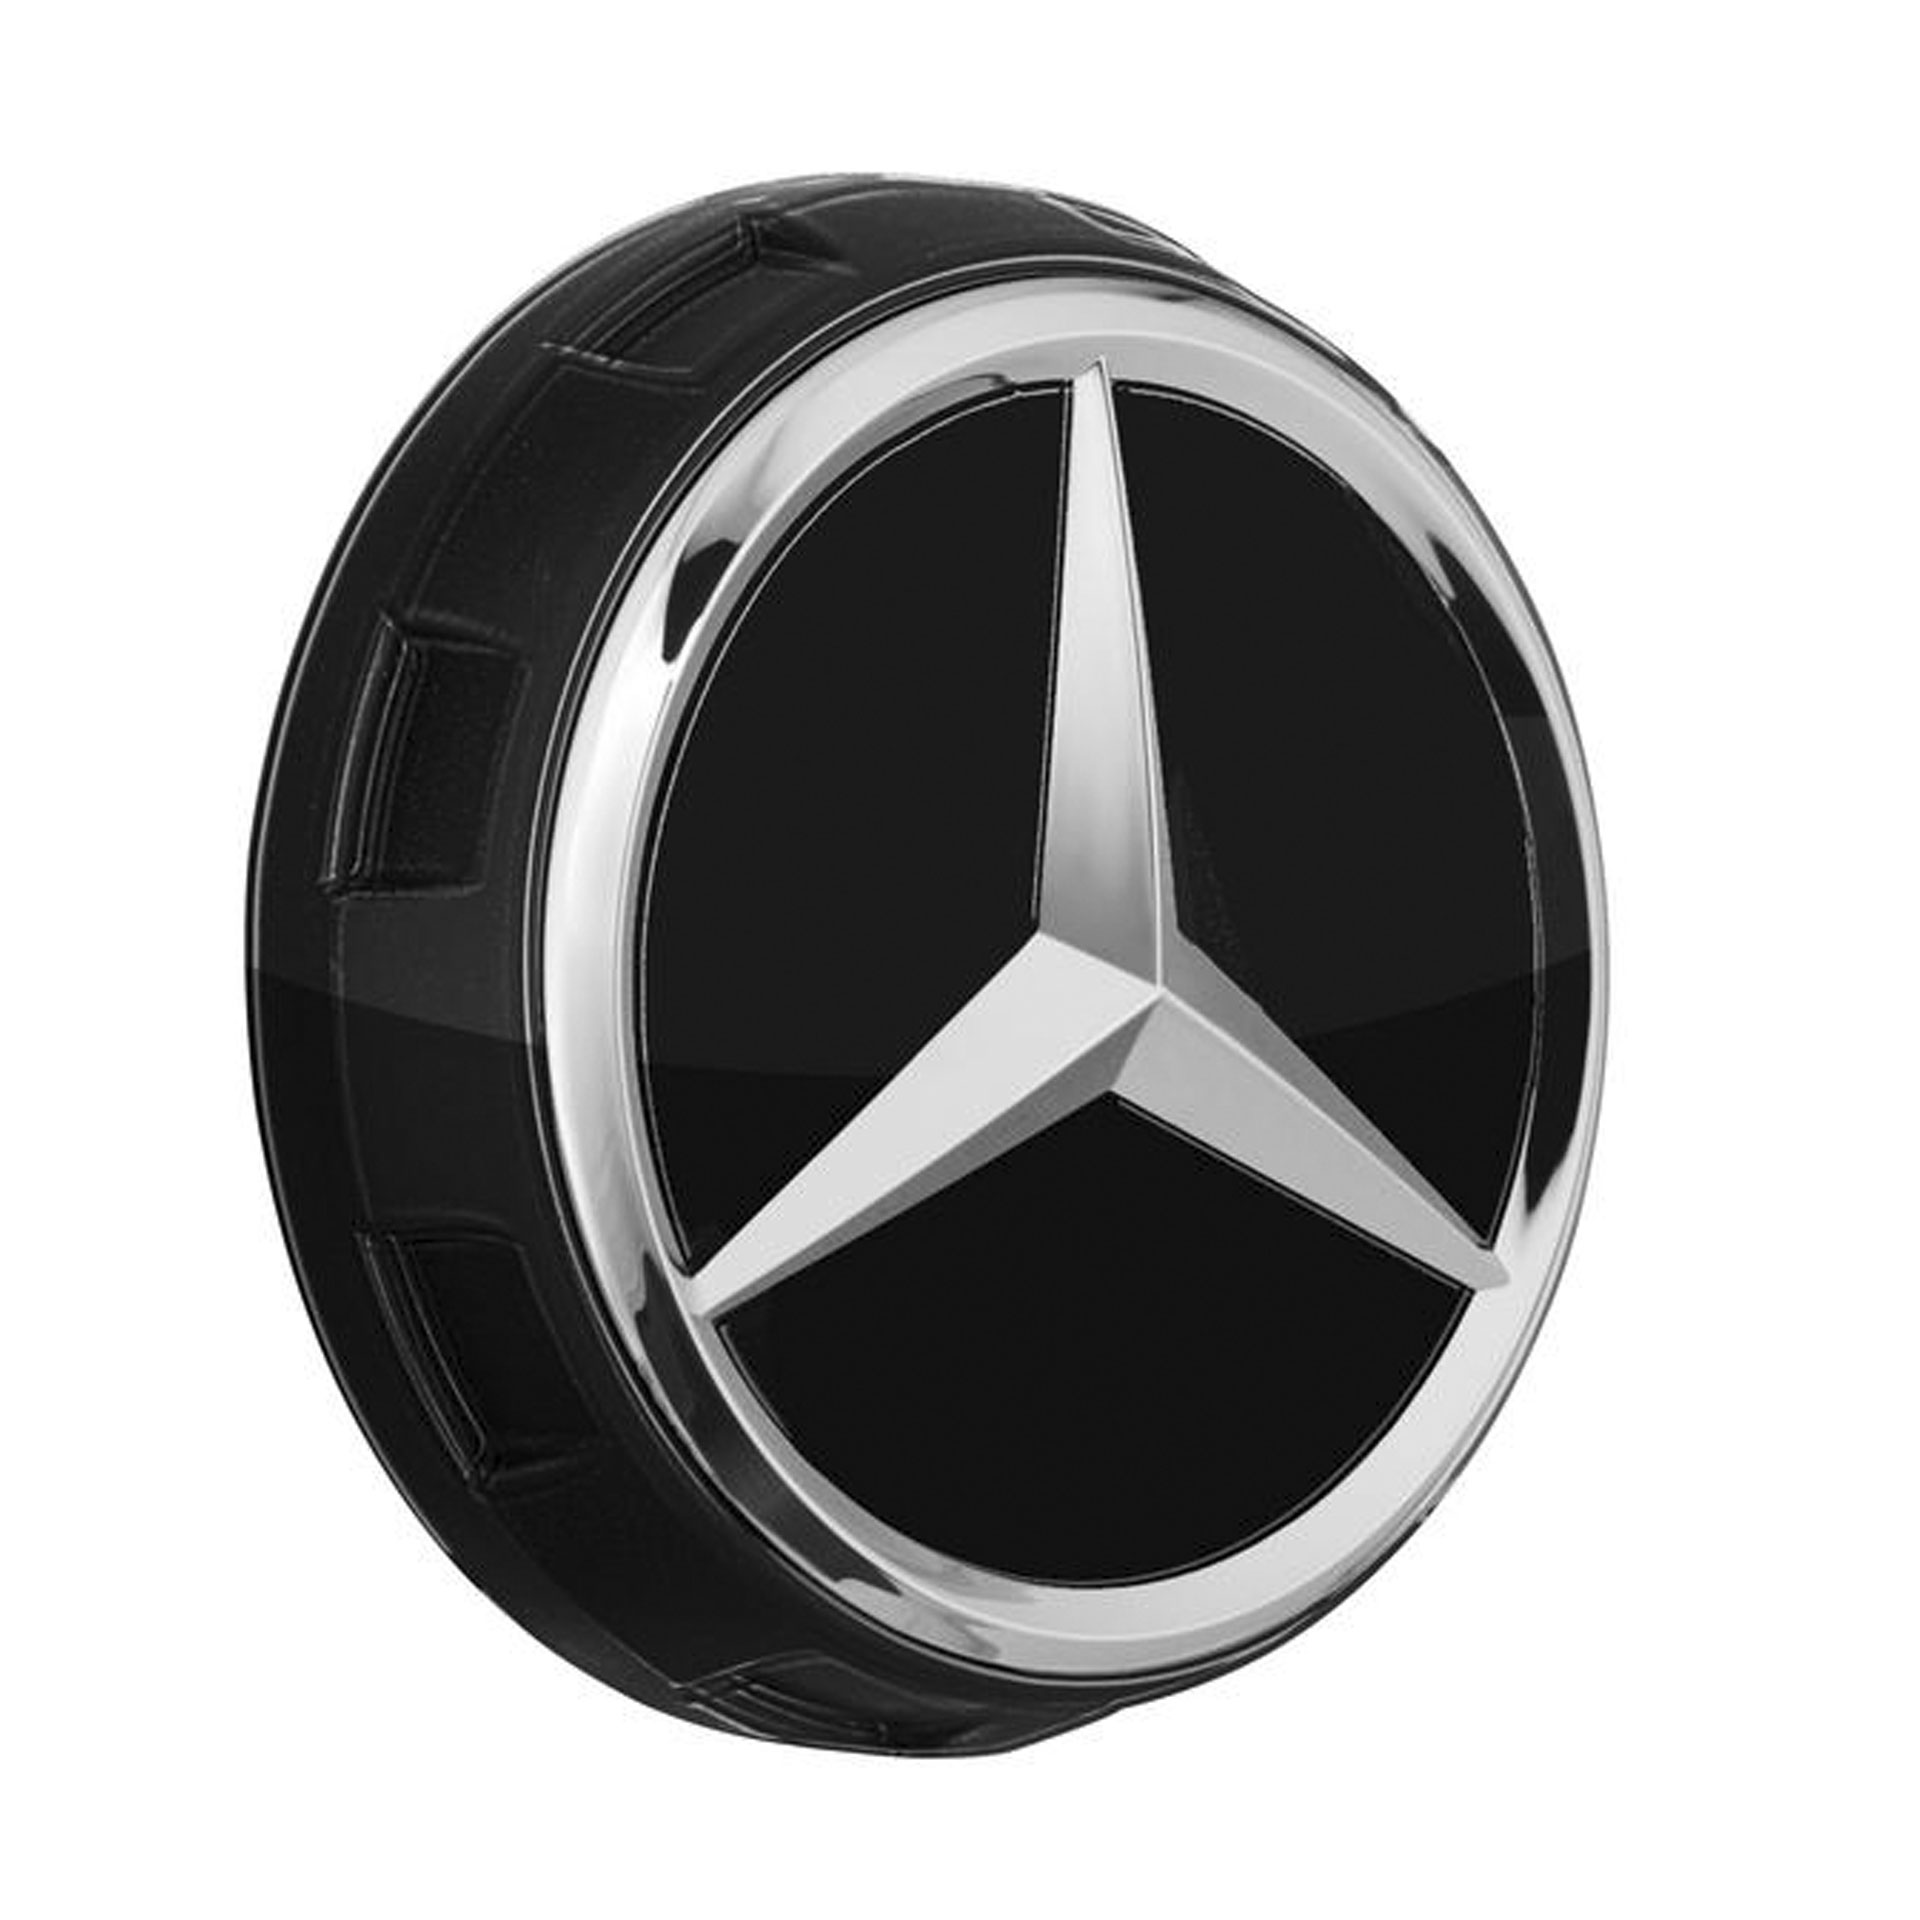 Mercedes-AMG Radnabenabdeckung Zentralverschlussdesign schwarz